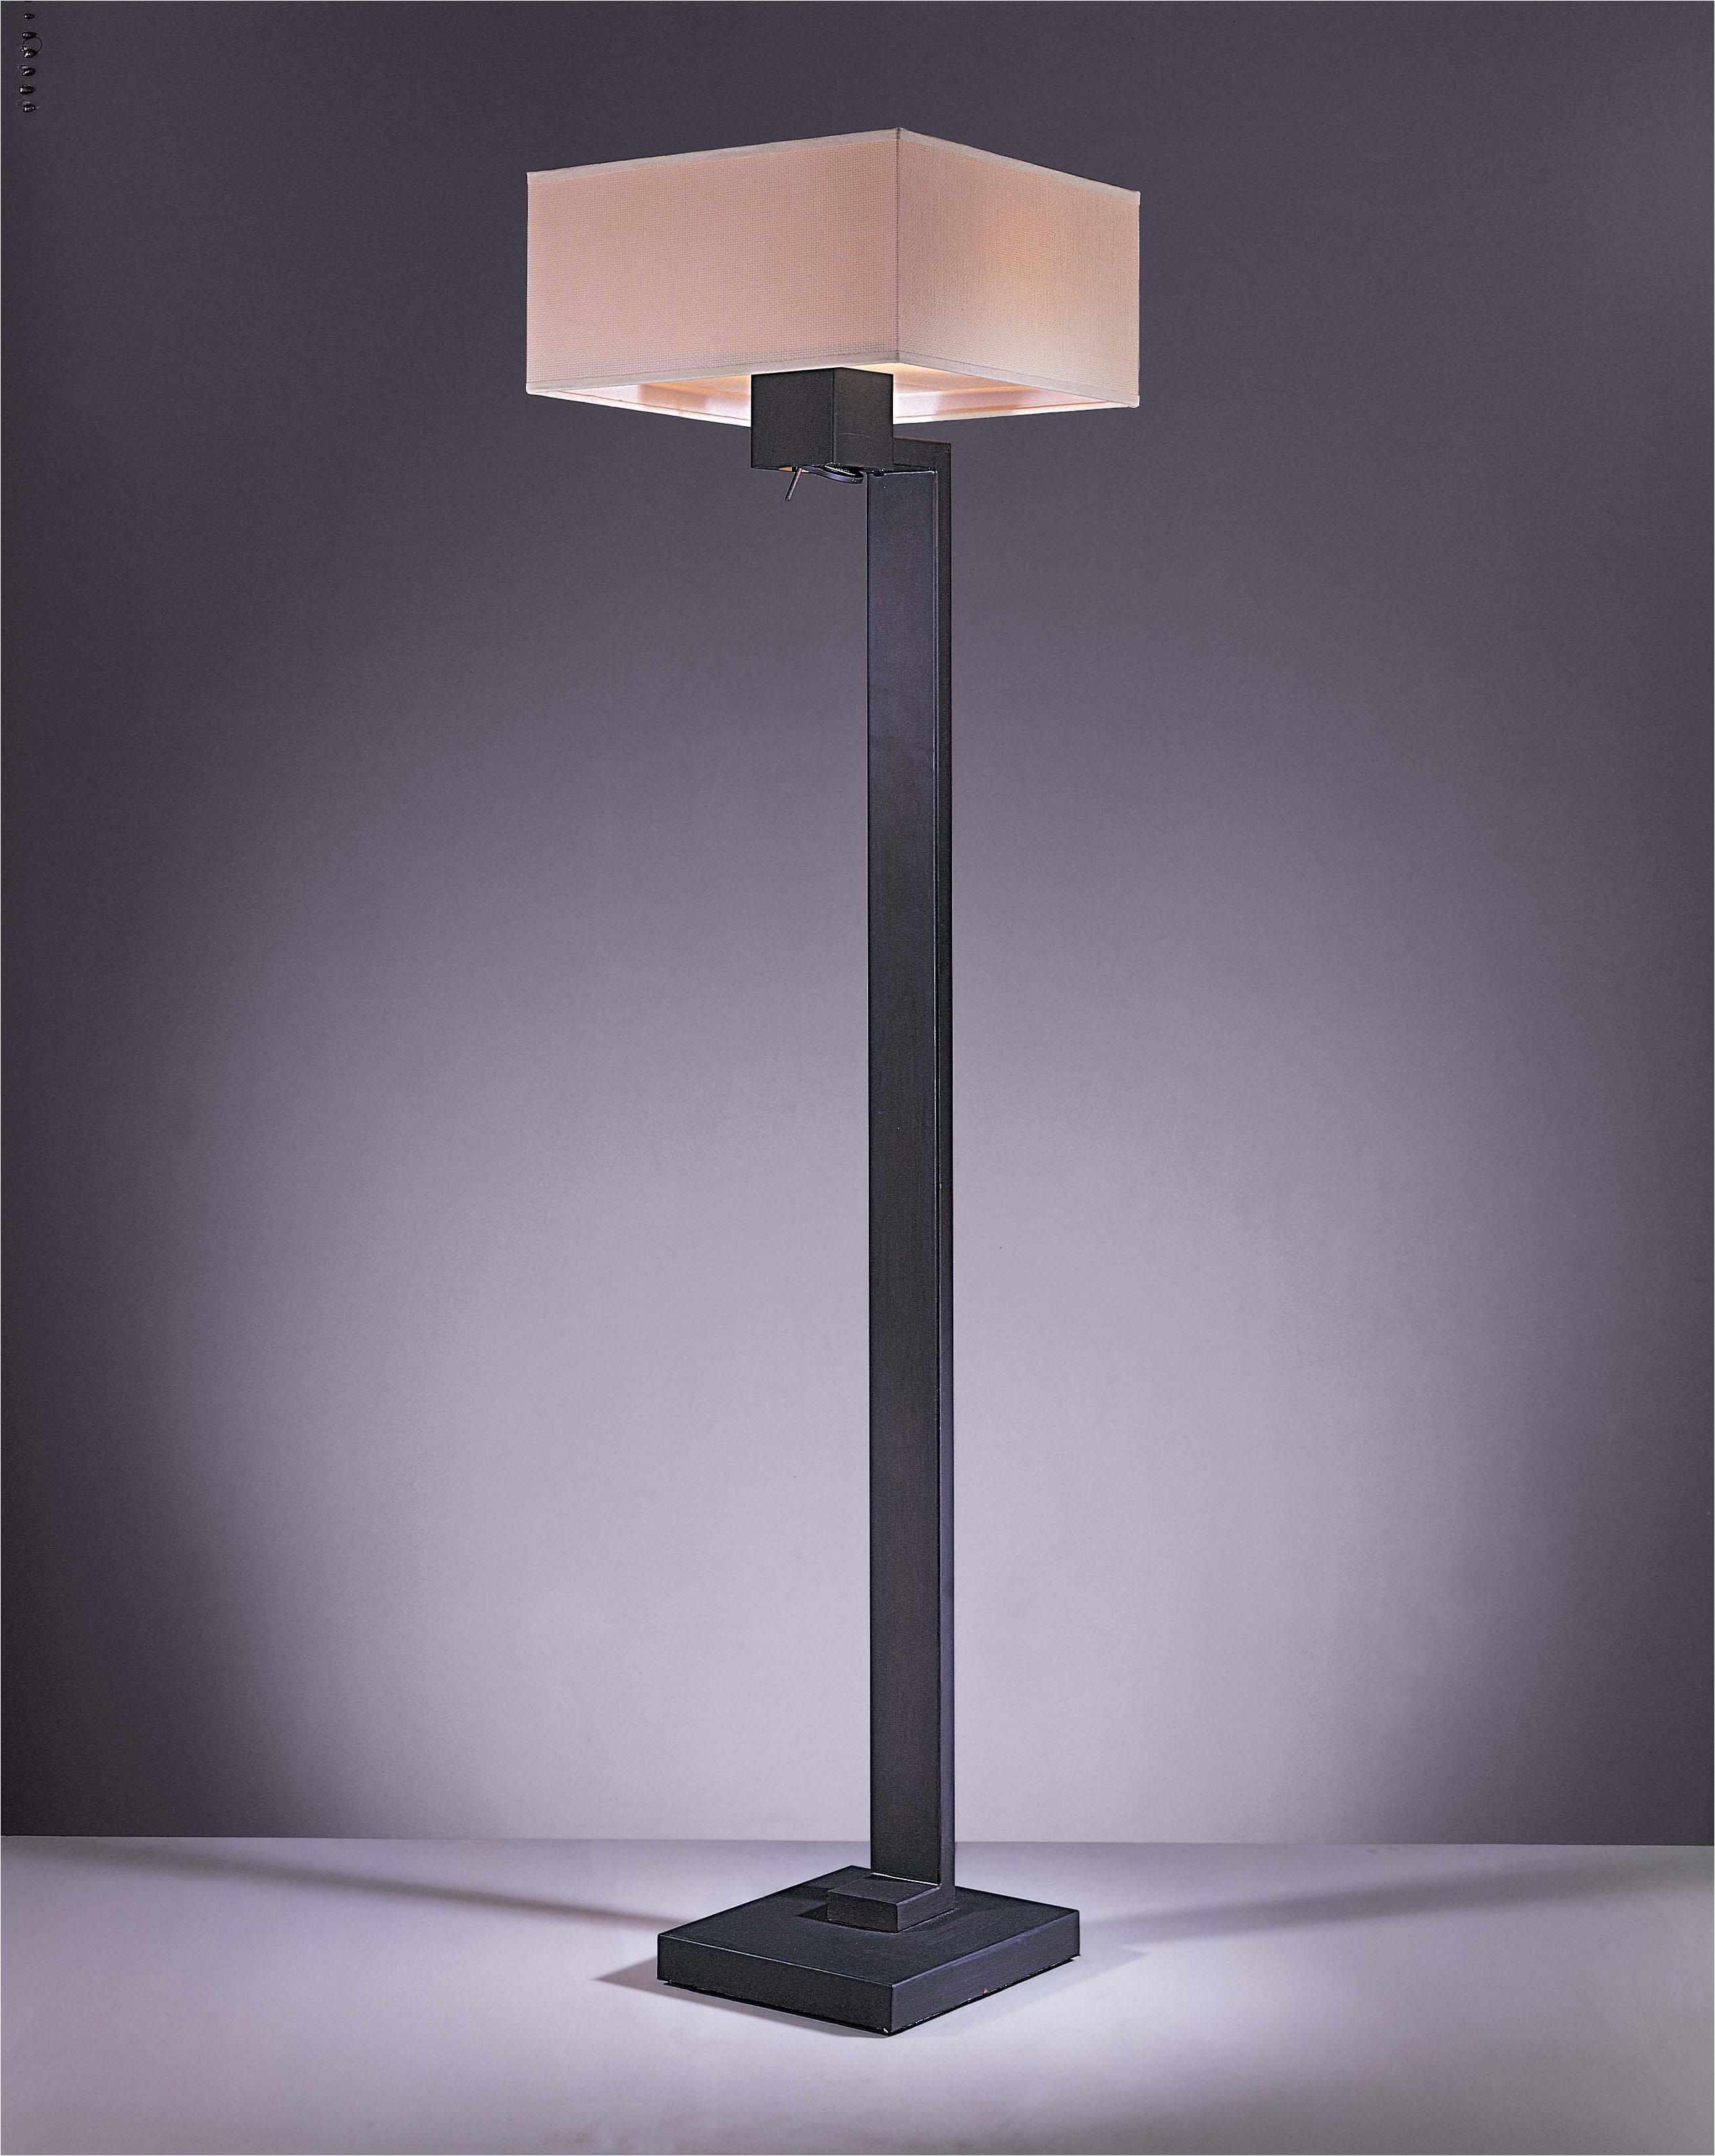 full size of lamp contemporary floor lamps shocking photoscept jpg over for living room lighting modern